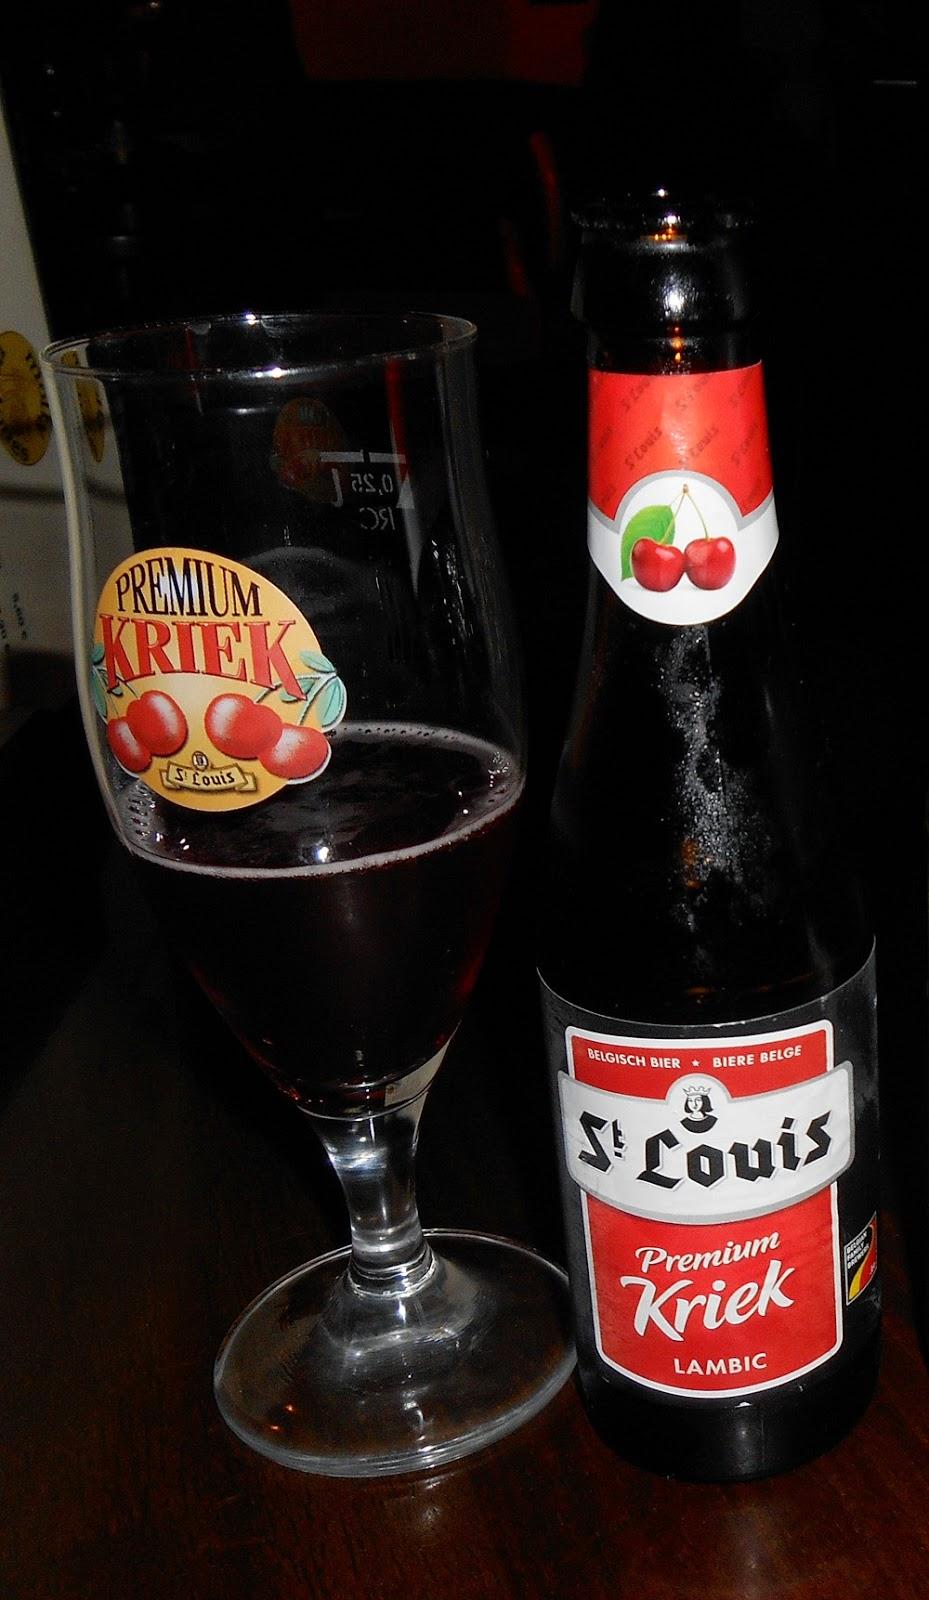 cerveza de cerezas St. Louis Premium Kriek beer